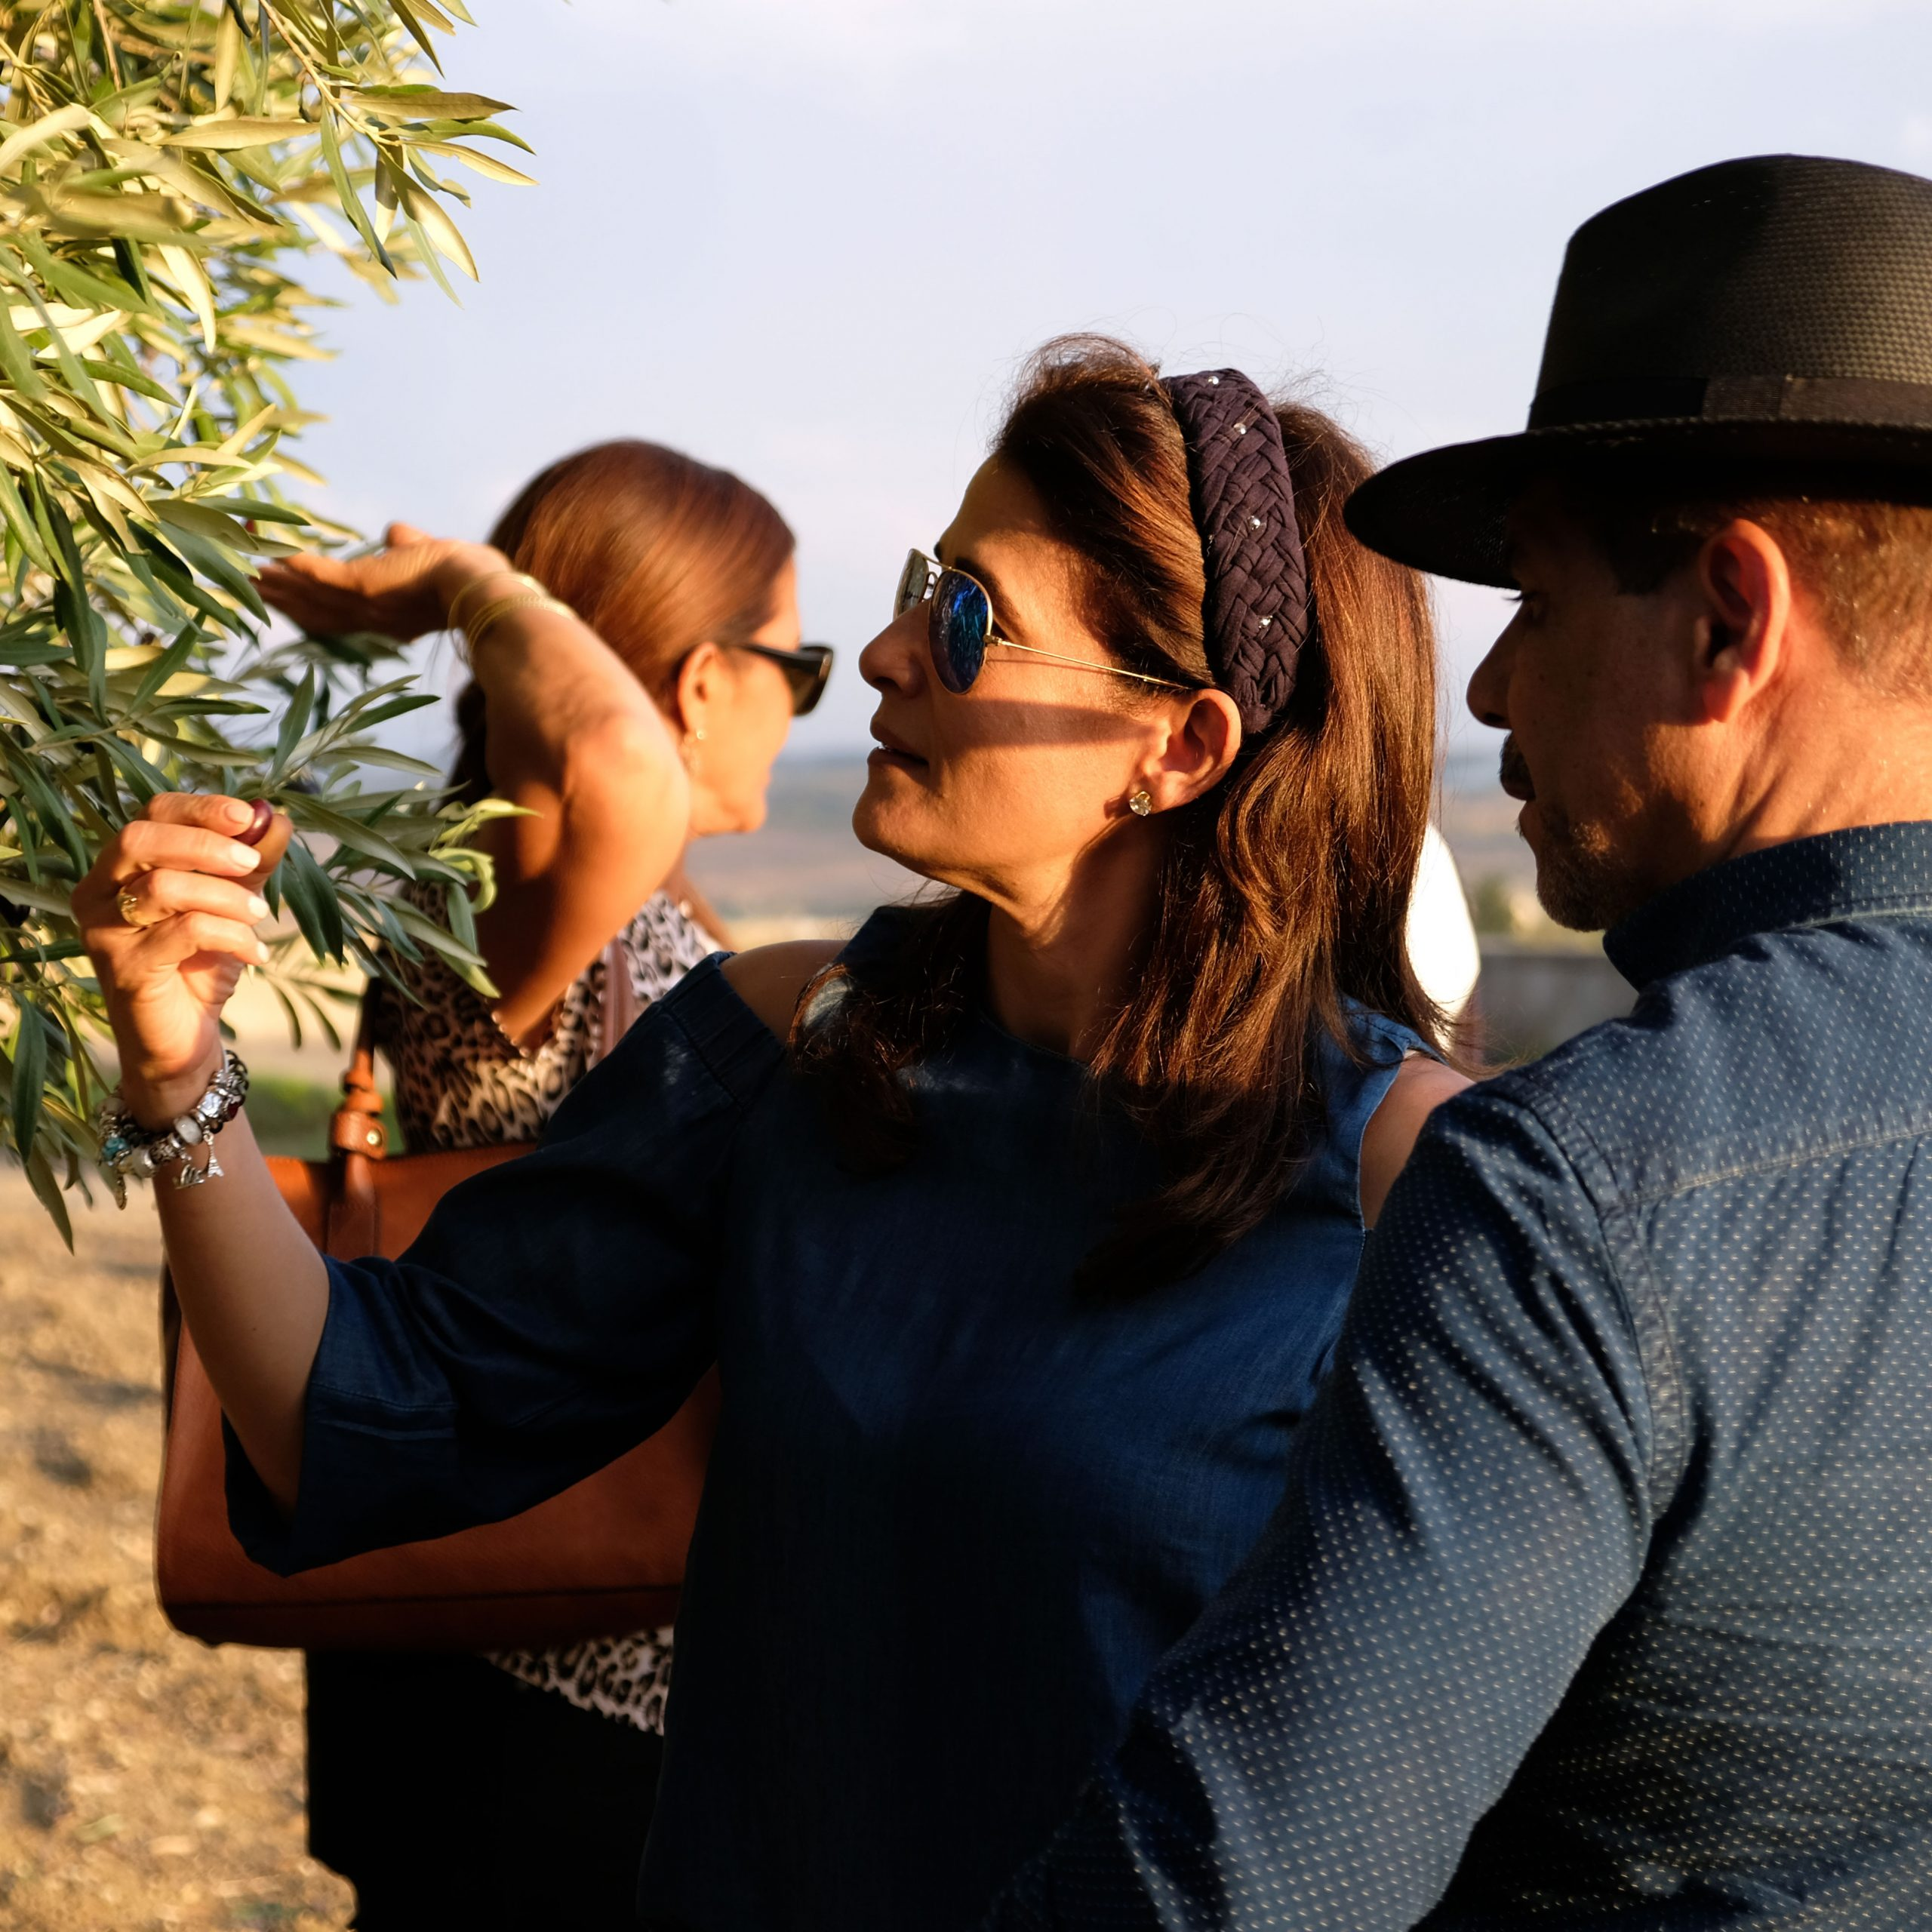 donna e uomo ammirano albero di olivo siciliano